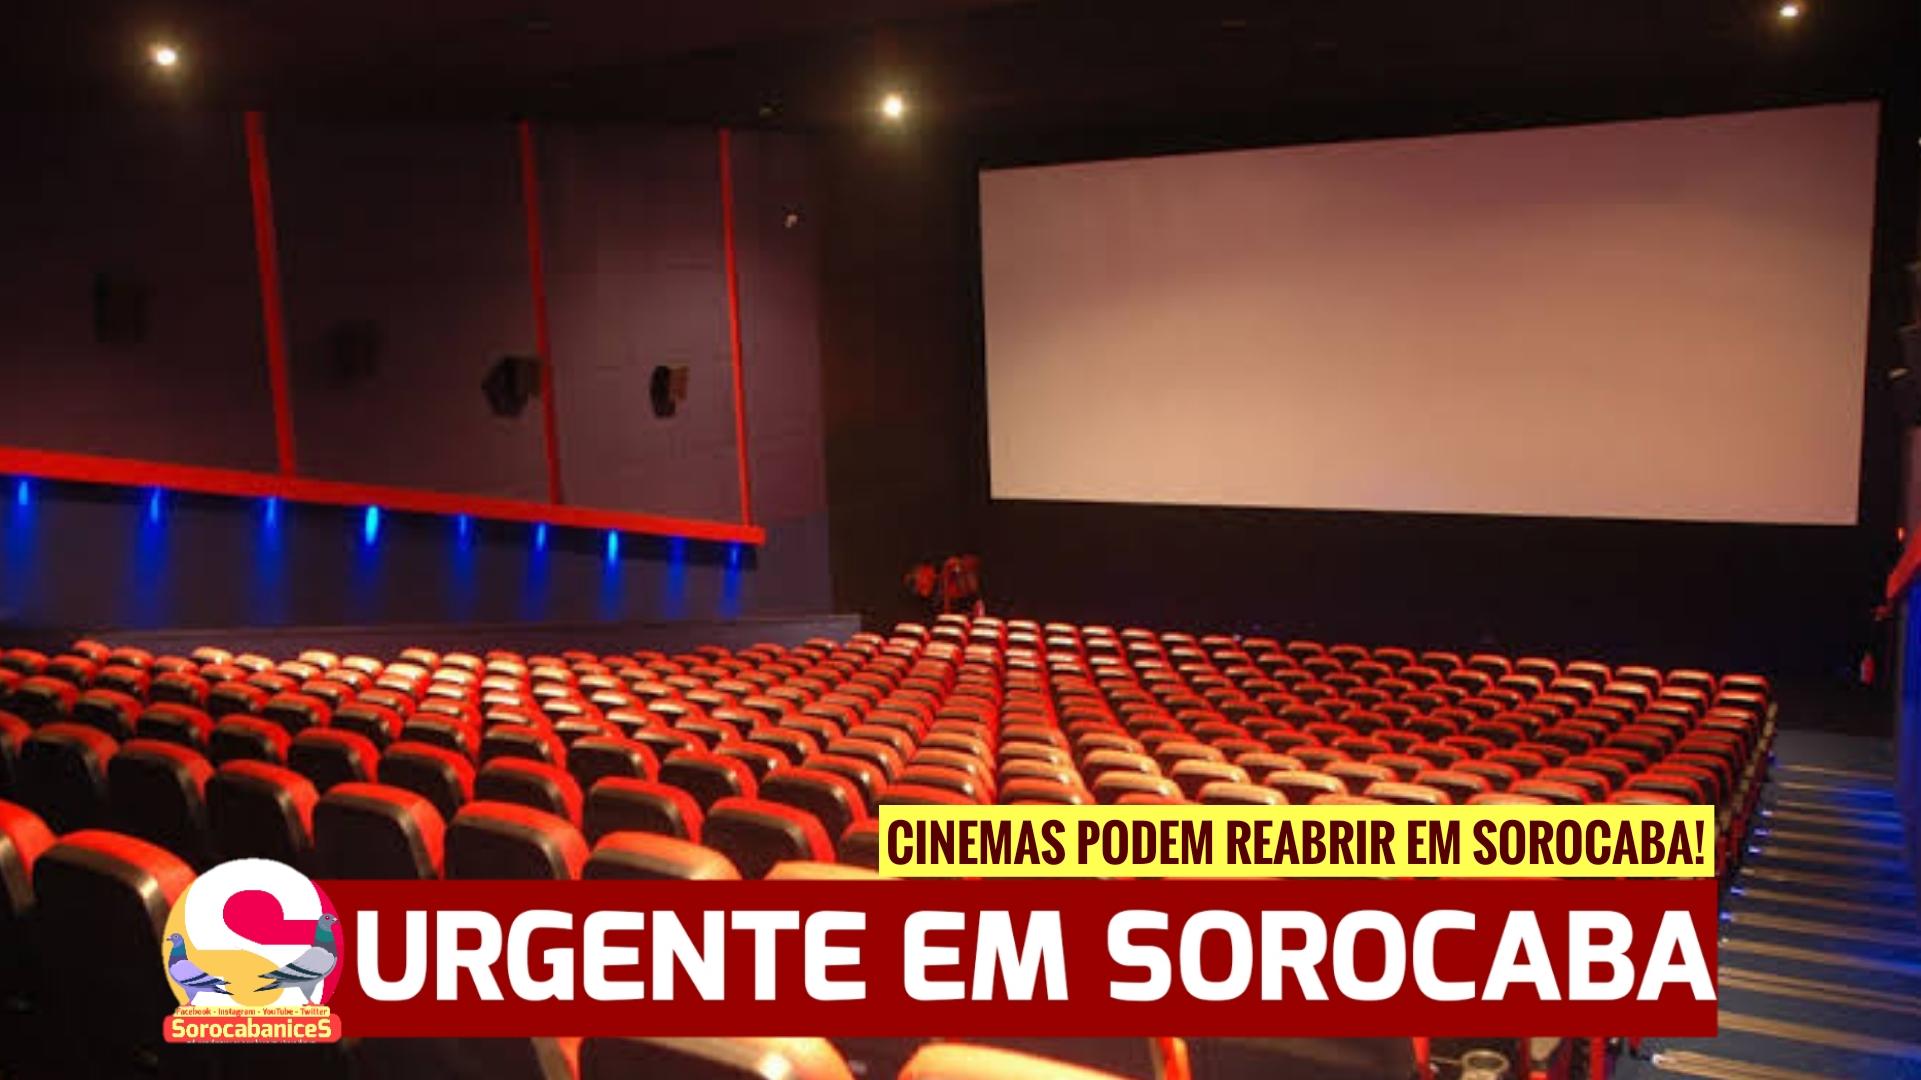 Cinemas, espaços de entretenimento e culturais já podem funcionar em Sorocaba